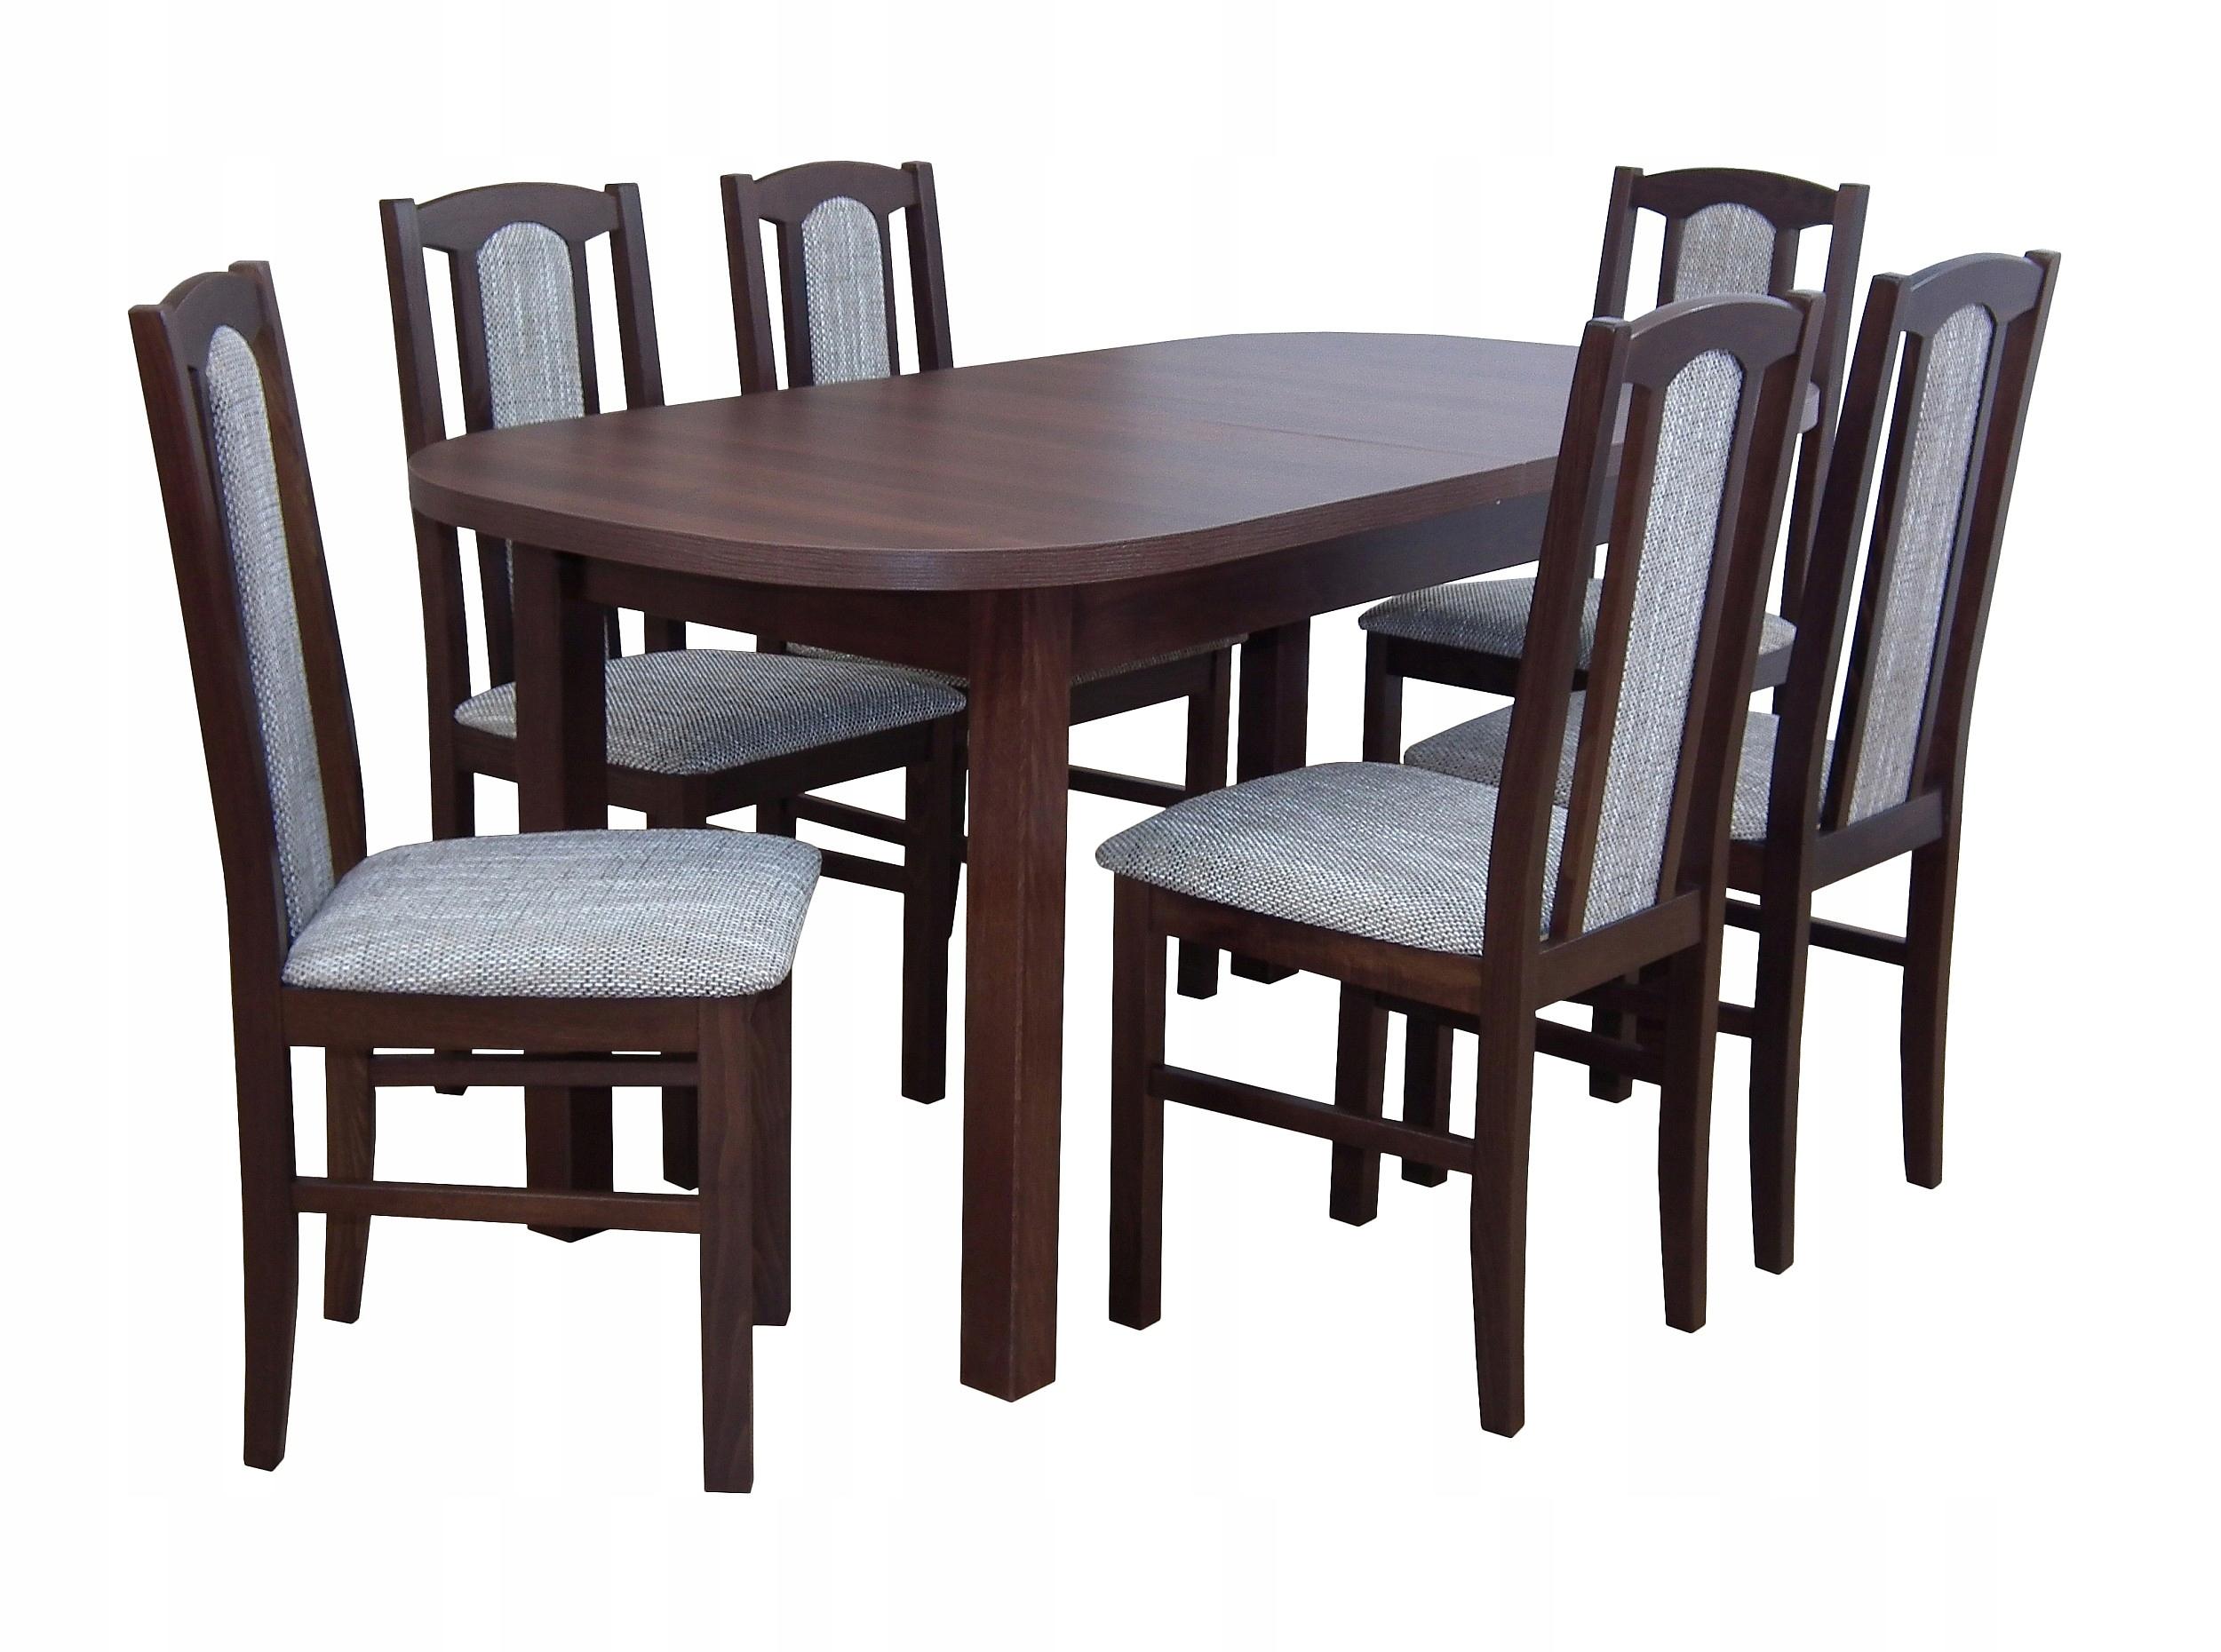 Овал стол раскладной , стол для салон 6 стулья